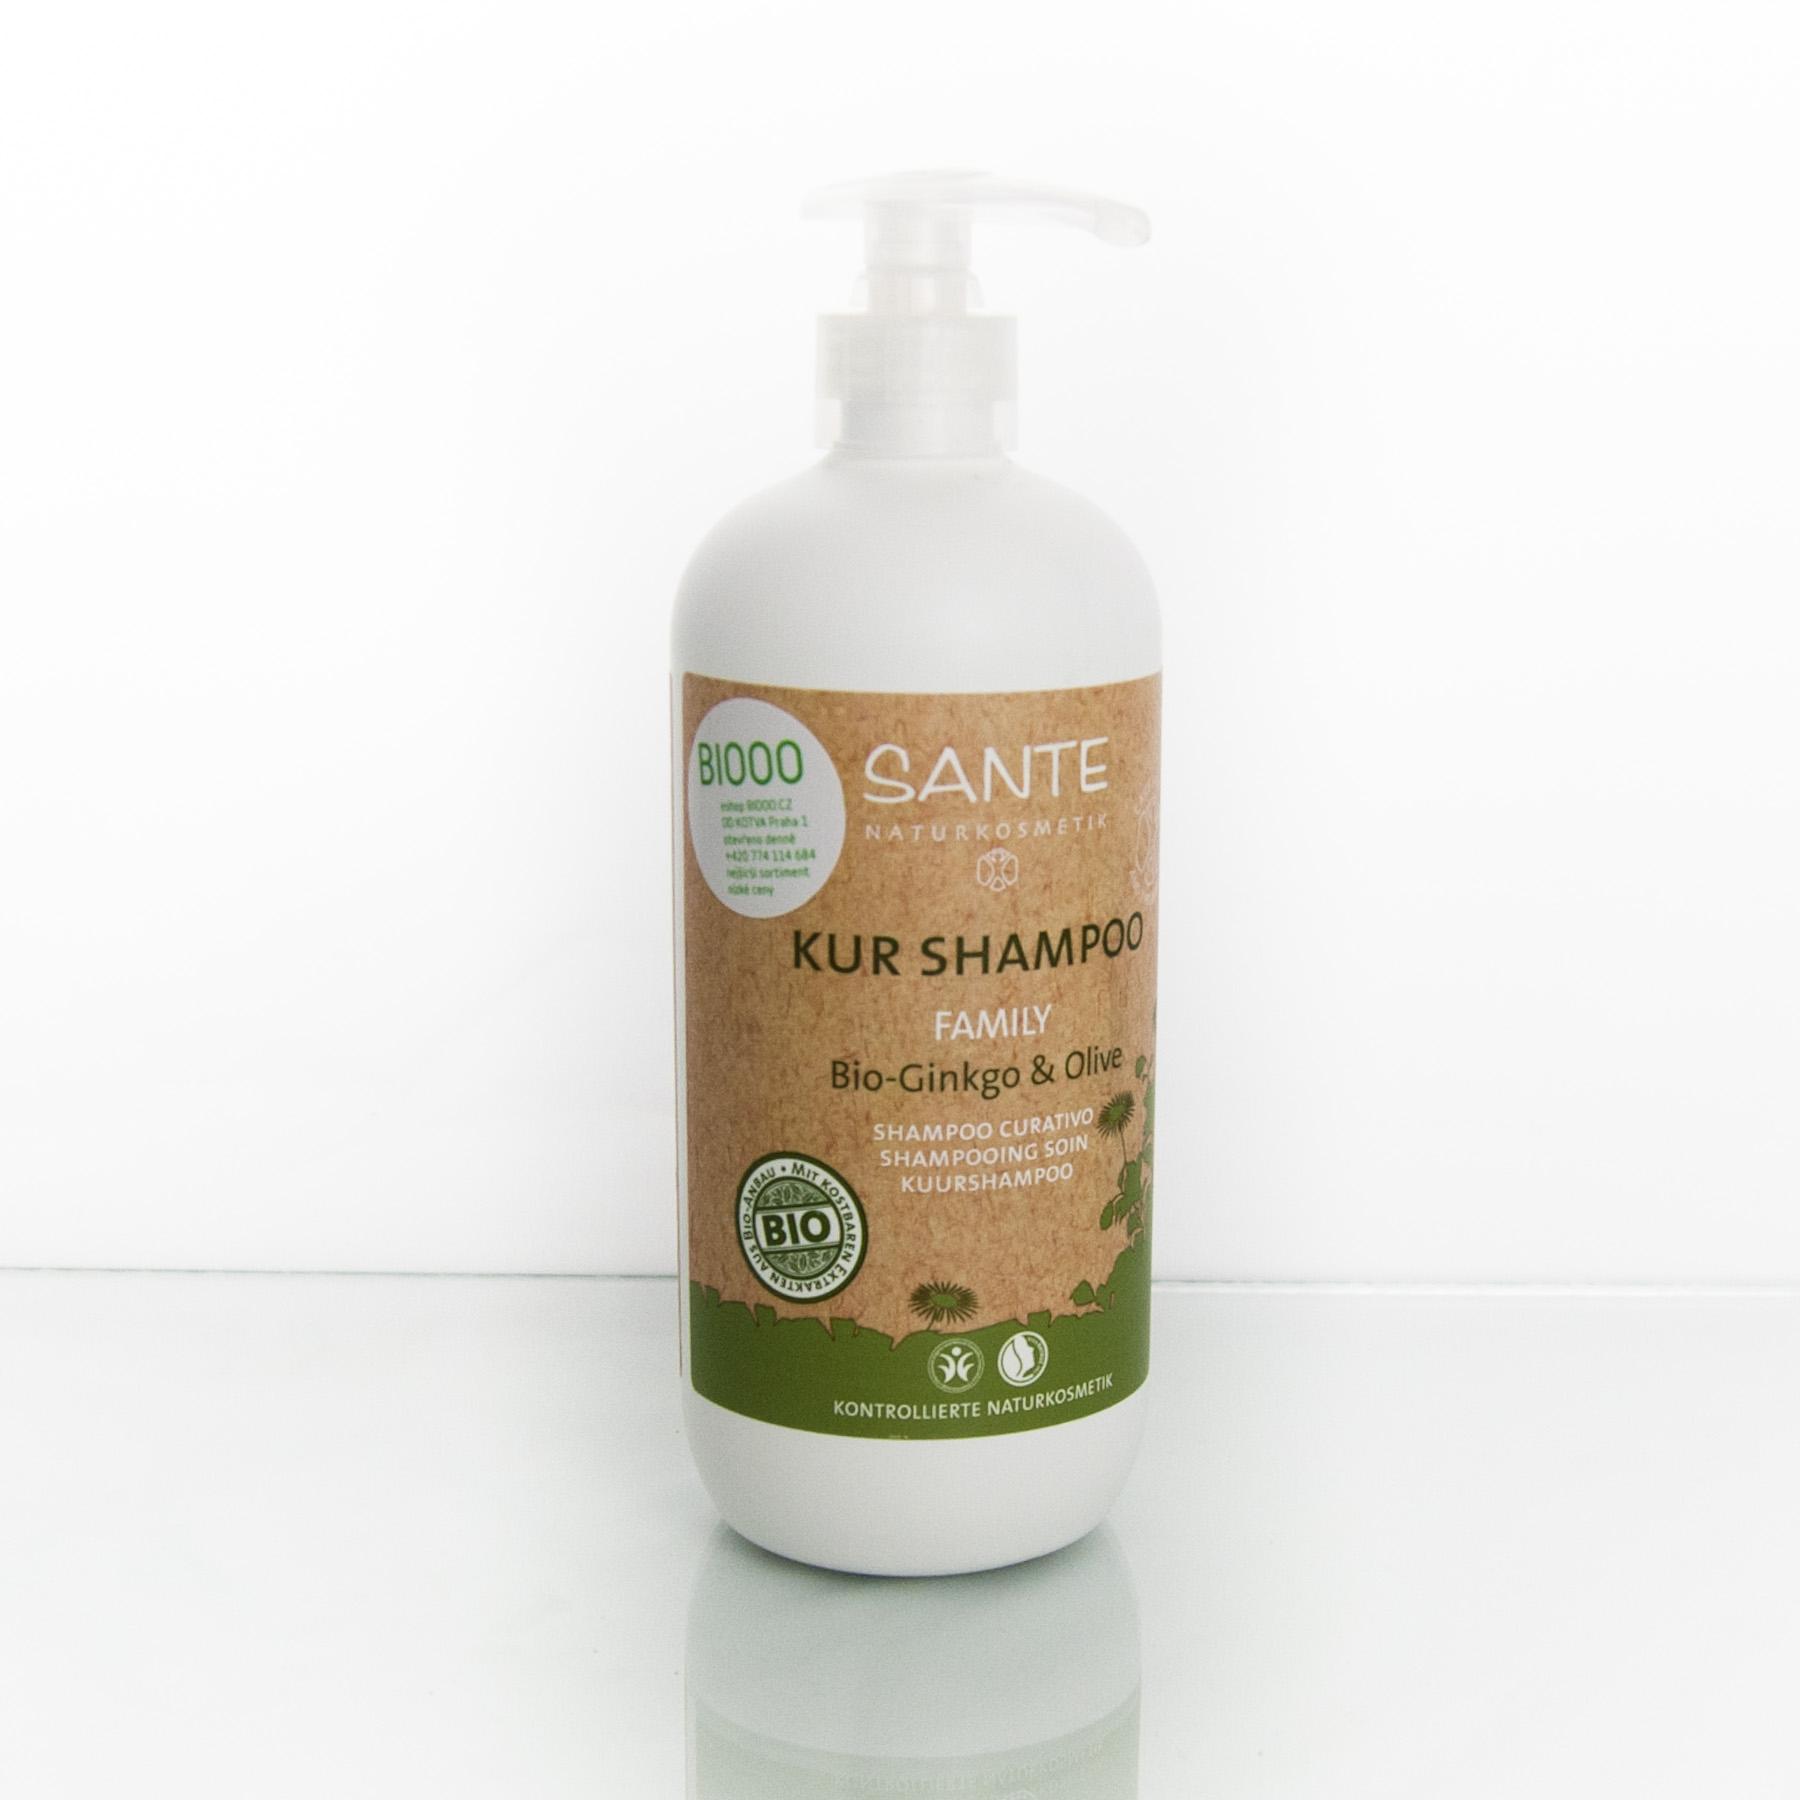 Santé Šampon ošetřující bio ginkgo a oliva, Family 500 ml